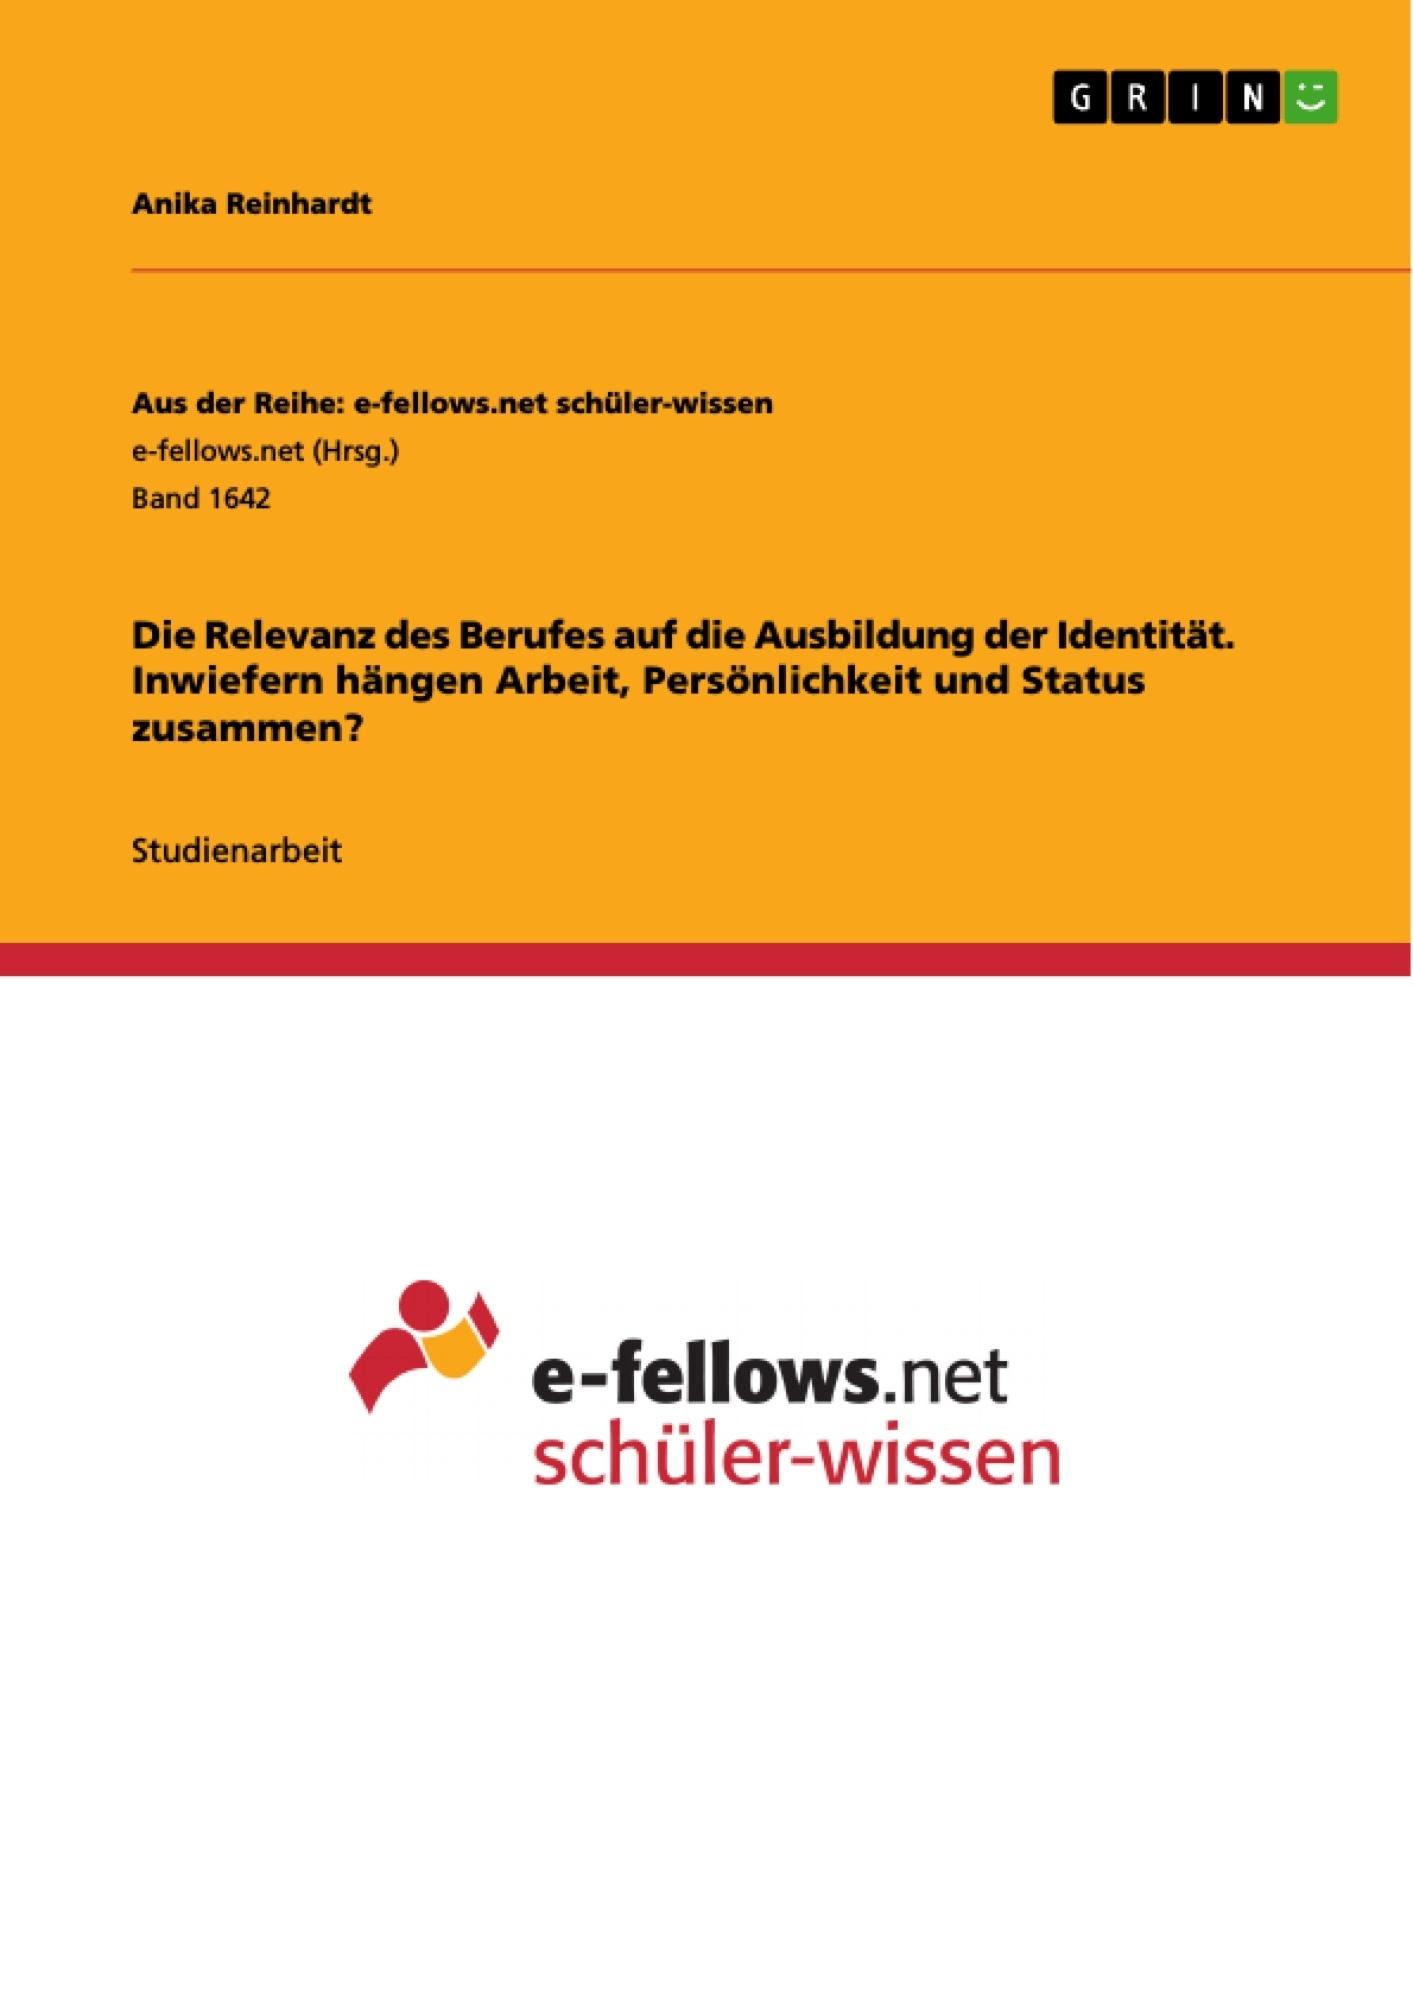 Titel: Die Relevanz des Berufes auf die Ausbildung der Identität. Inwiefern hängen Arbeit, Persönlichkeit und Status zusammen?